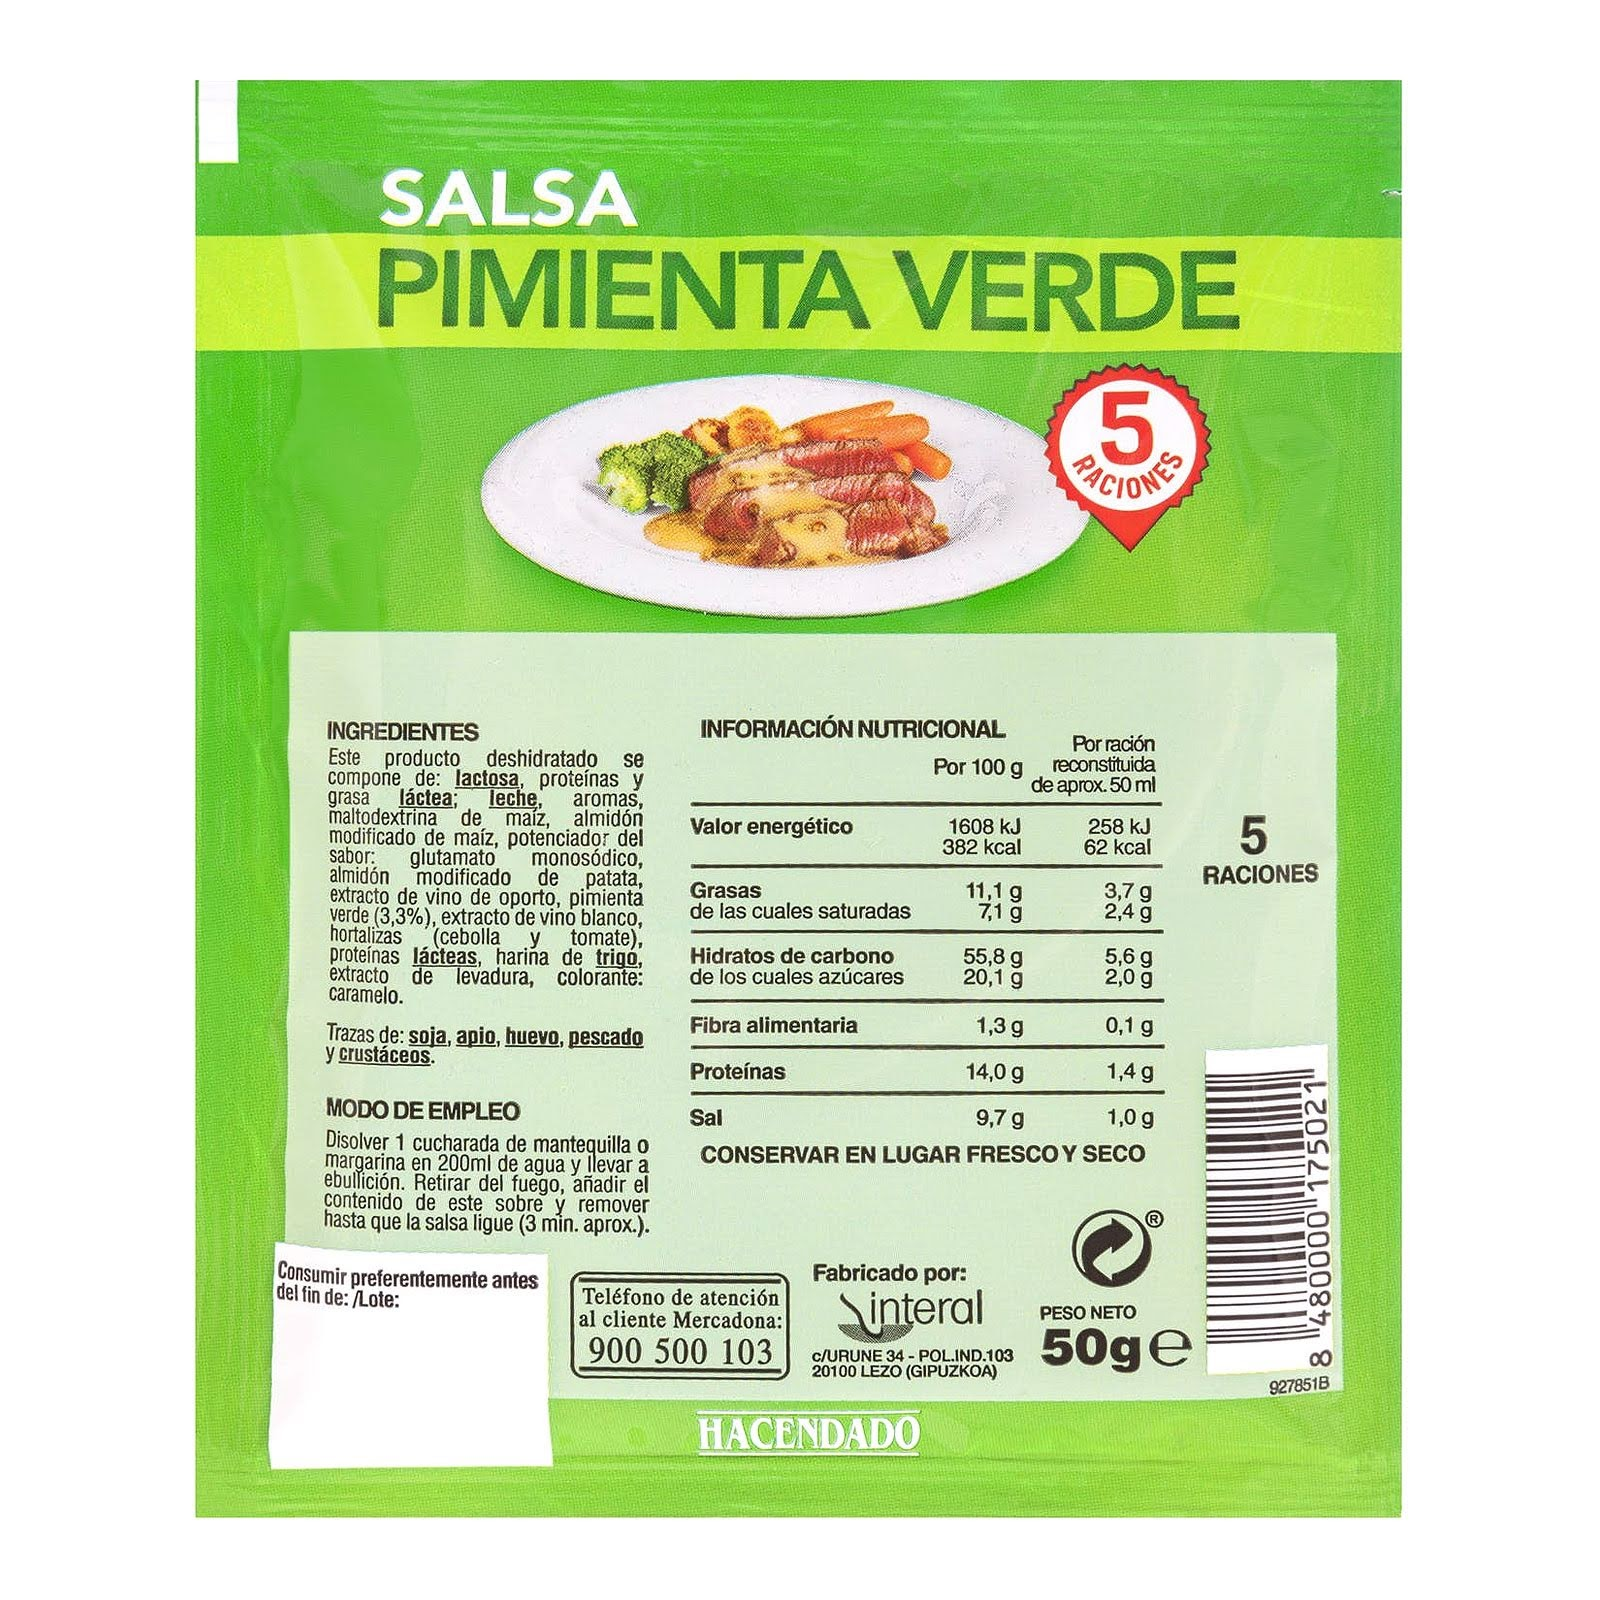 Salsa deshidratada pimienta verde Hacendado